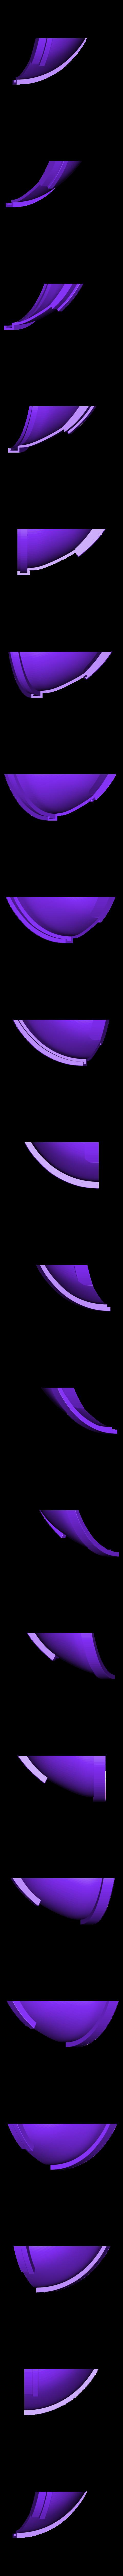 Part_10.stl Télécharger fichier STL gratuit Capitaine Rex Casque Phase 2 (Star Wars) • Plan imprimable en 3D, VillainousPropShop